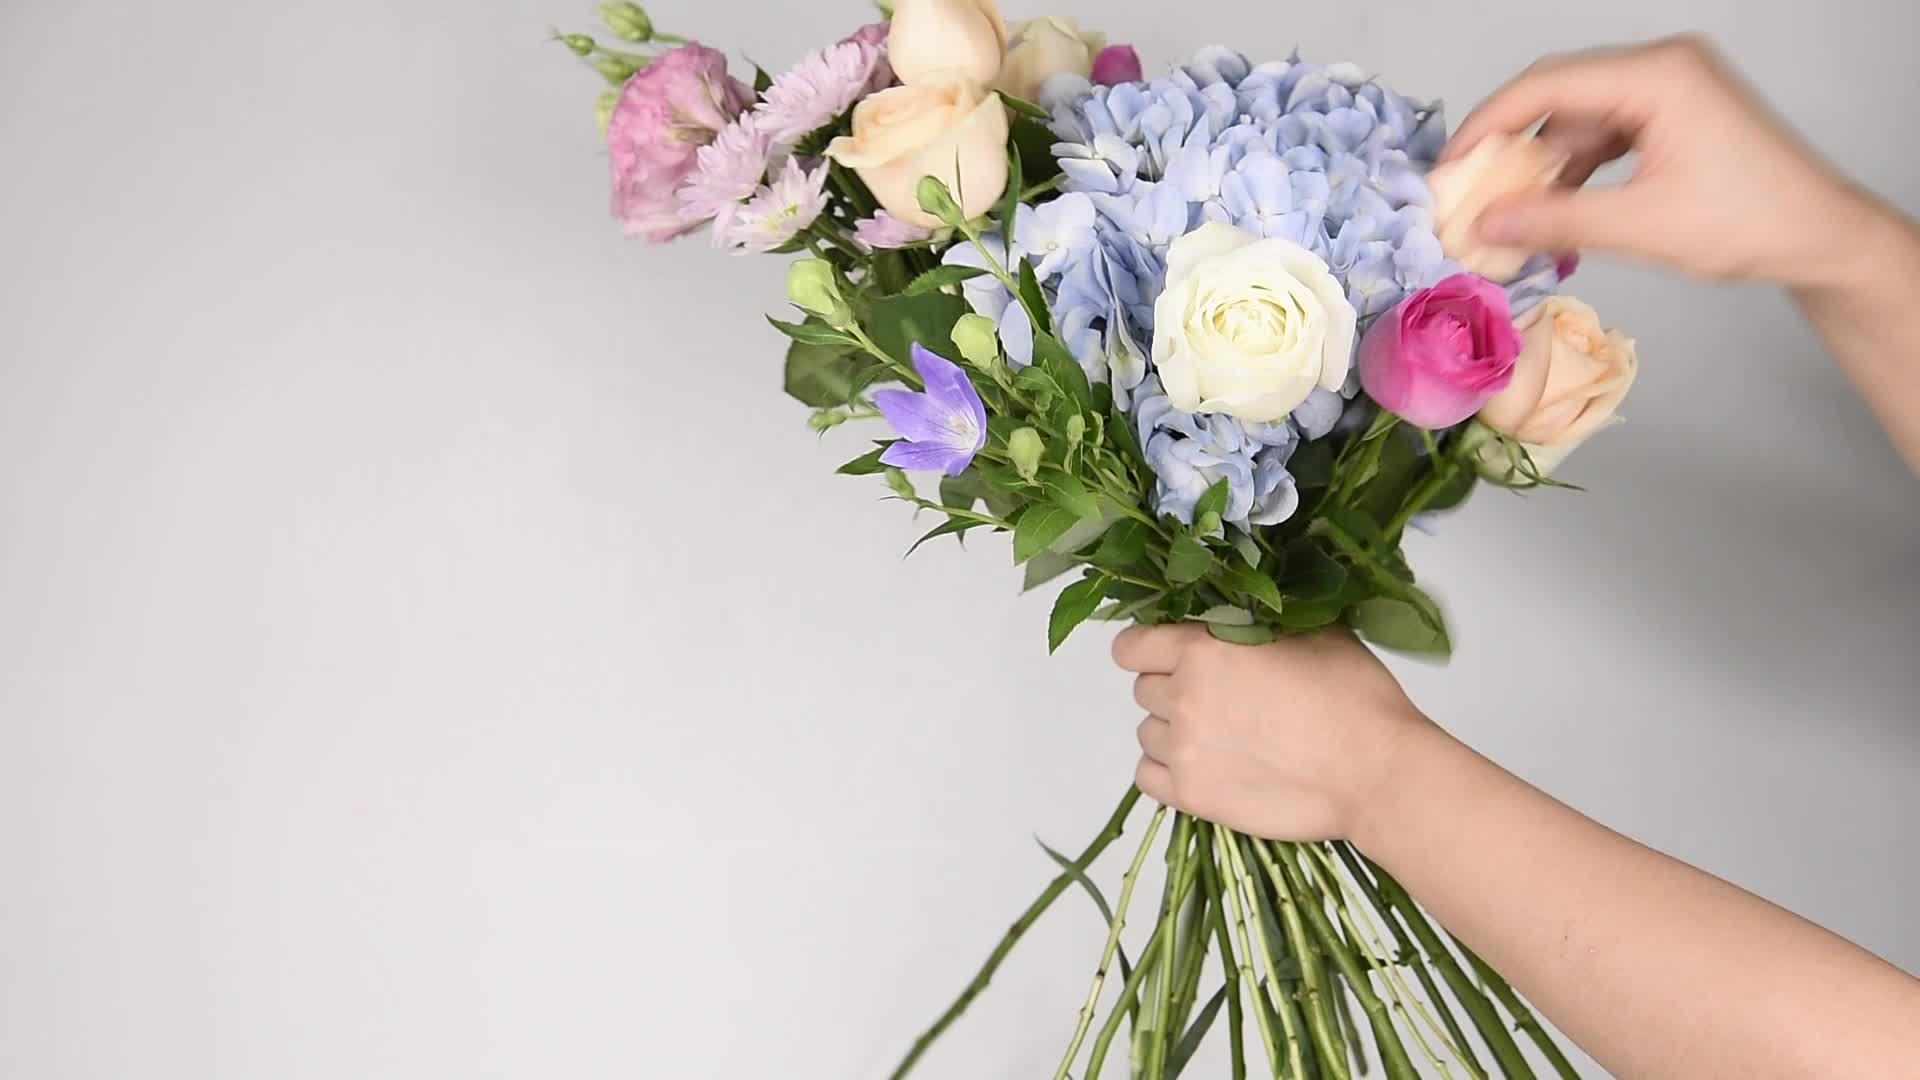 Fabricantes Caixa de Commodities Presentes Flores de Impressão de Papel De Embalagem Especial